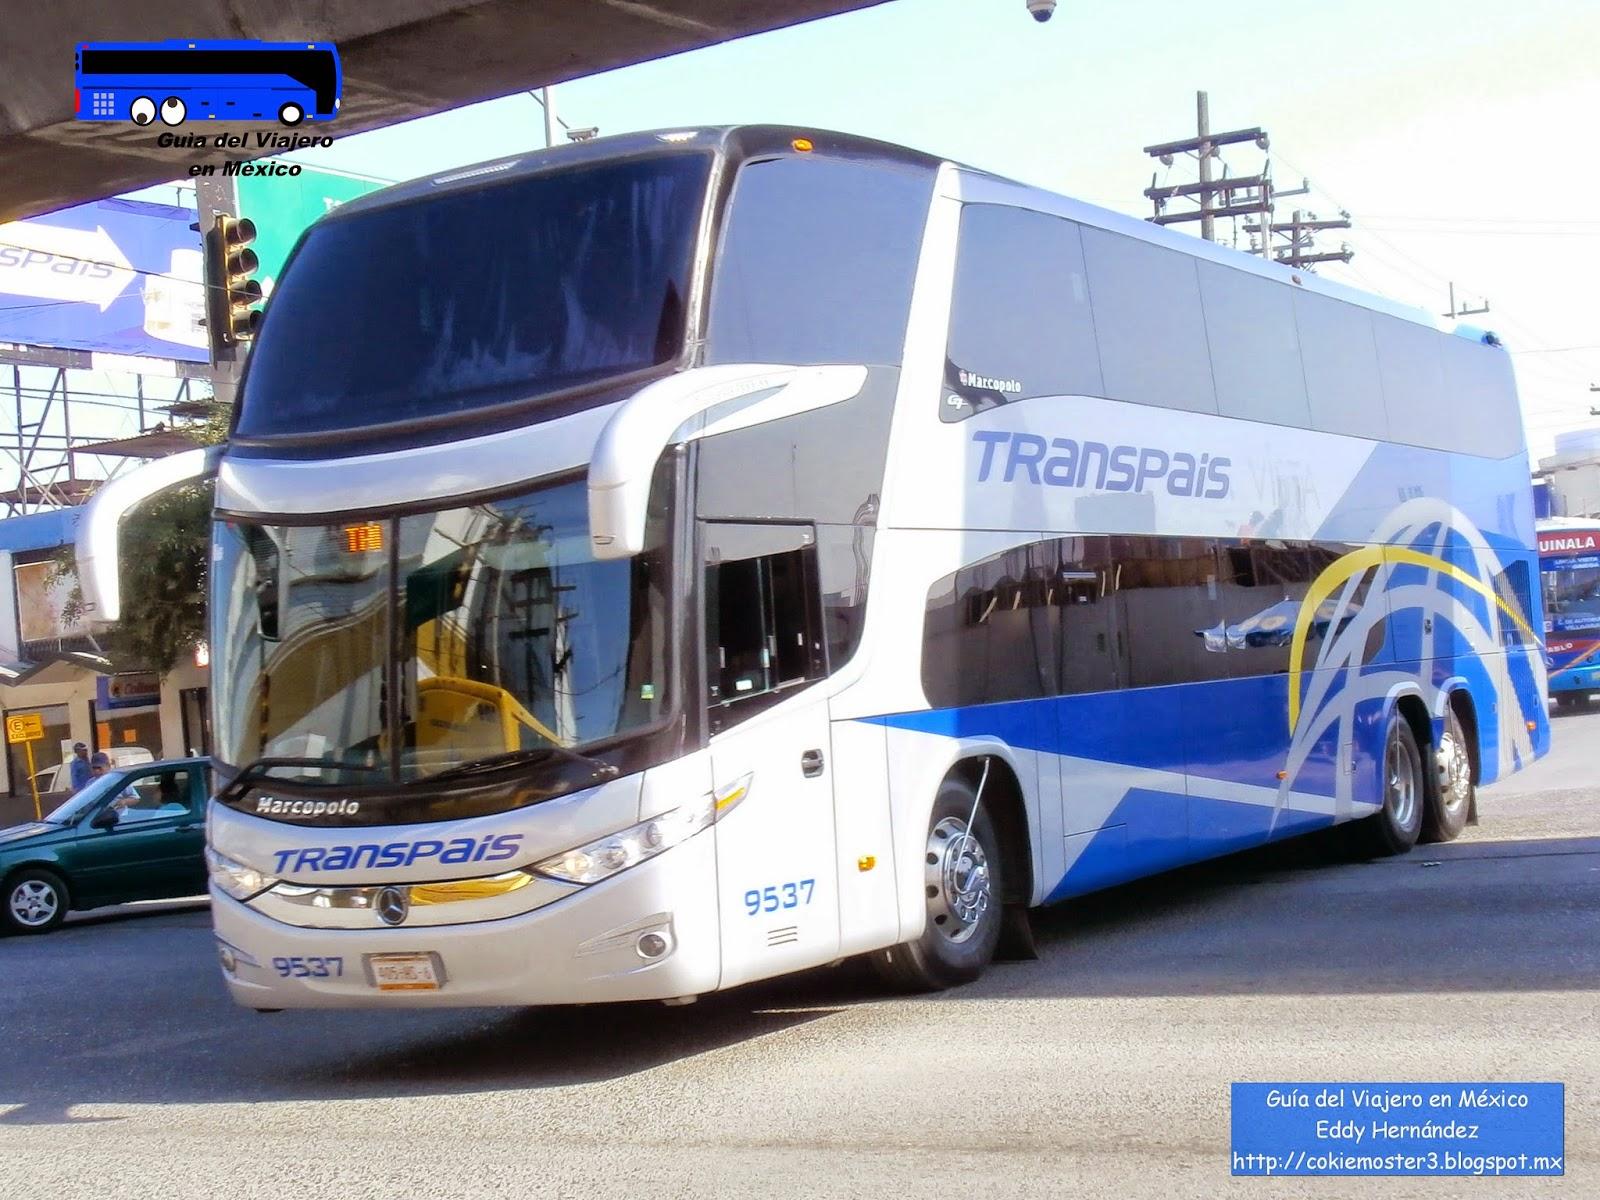 ado piso wifi wiring diagram 2003 harley electra glide guía del viajero en méxico la mejor línea de autobuses